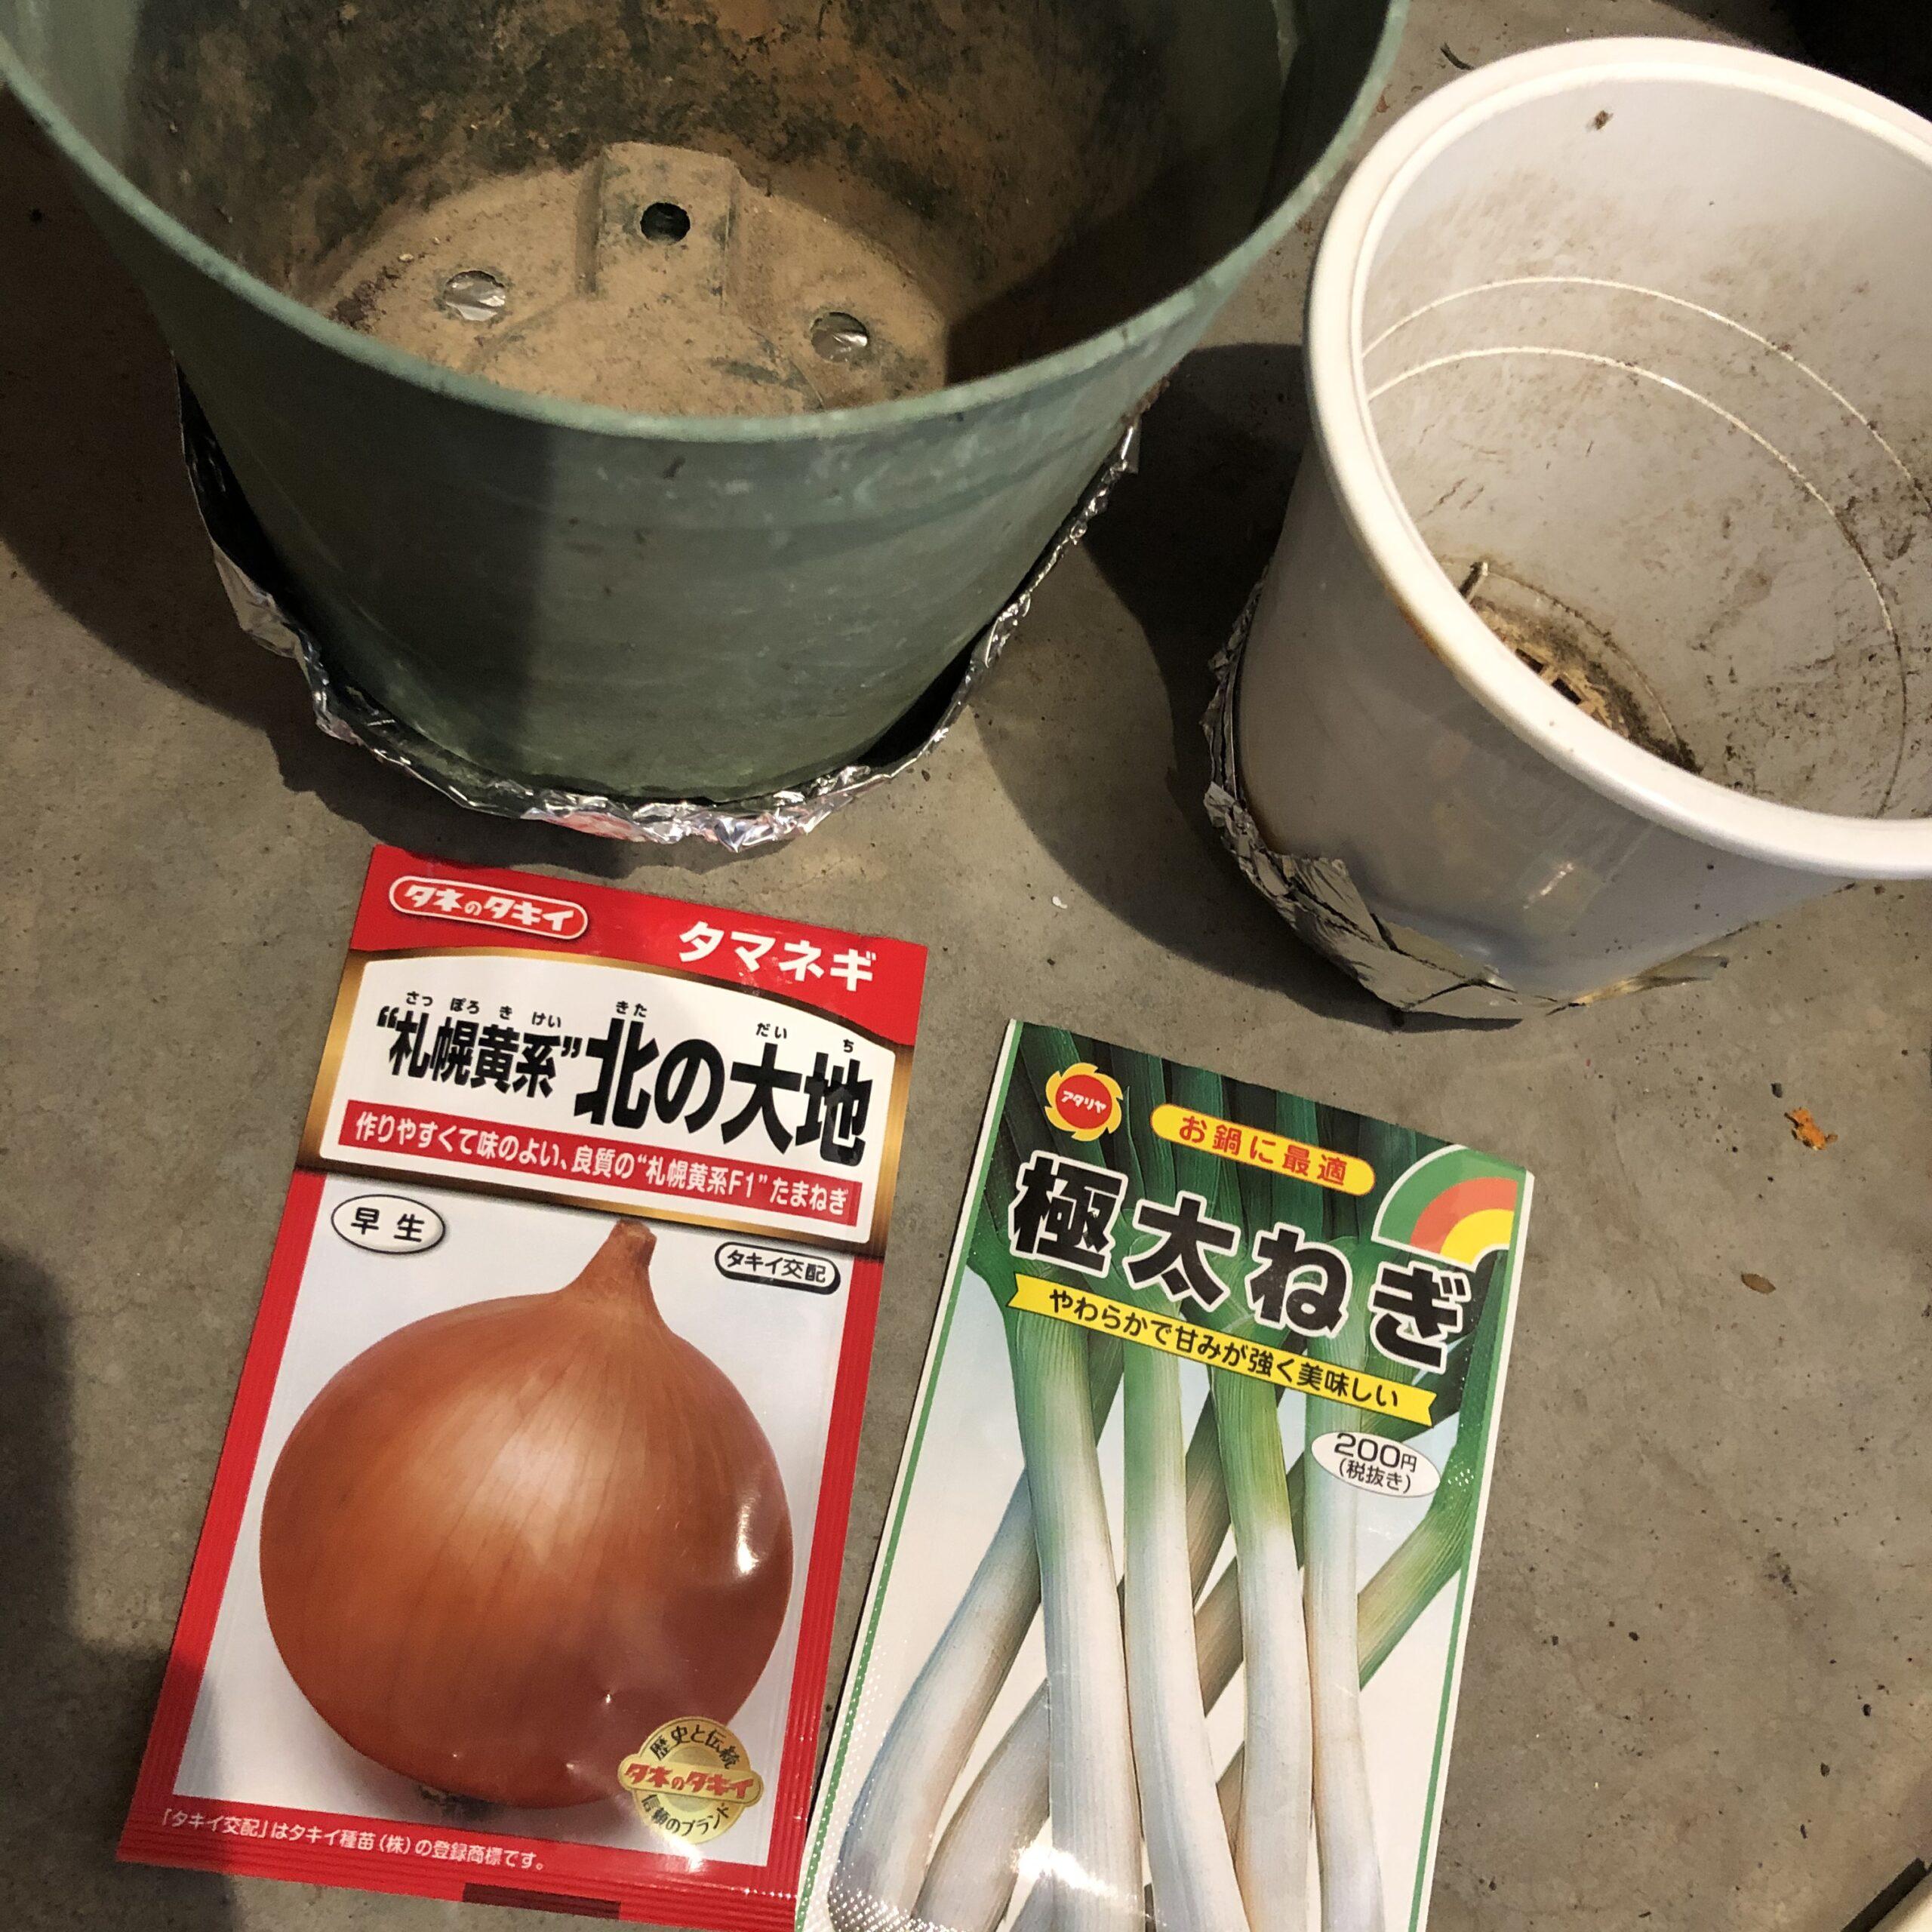 玉ねぎとネギの育苗